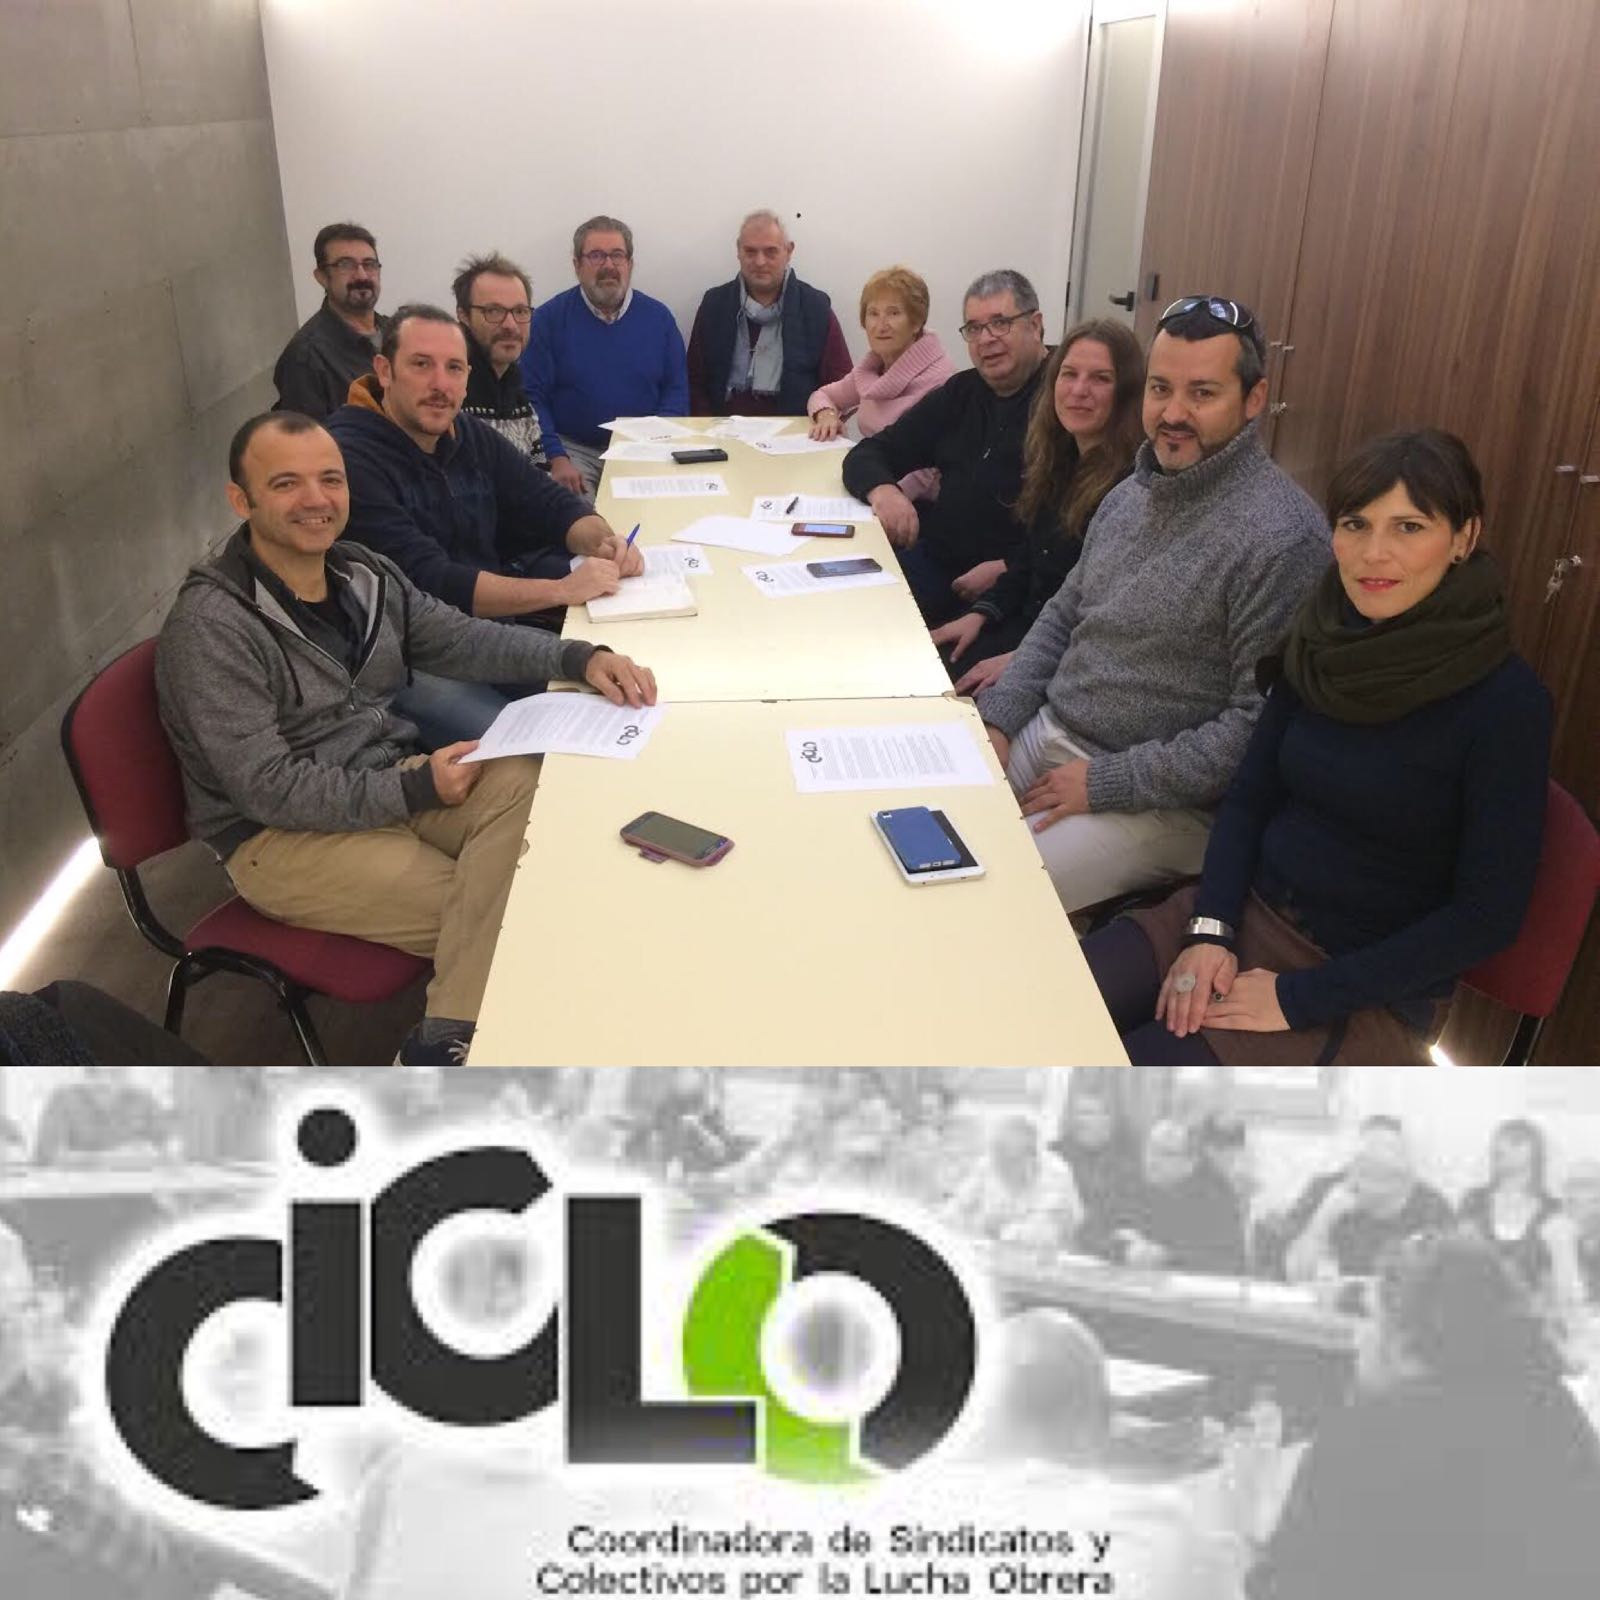 Constitució de la Coordinadora de sindicats i col·lectius per la lluita obrera (CICLO)